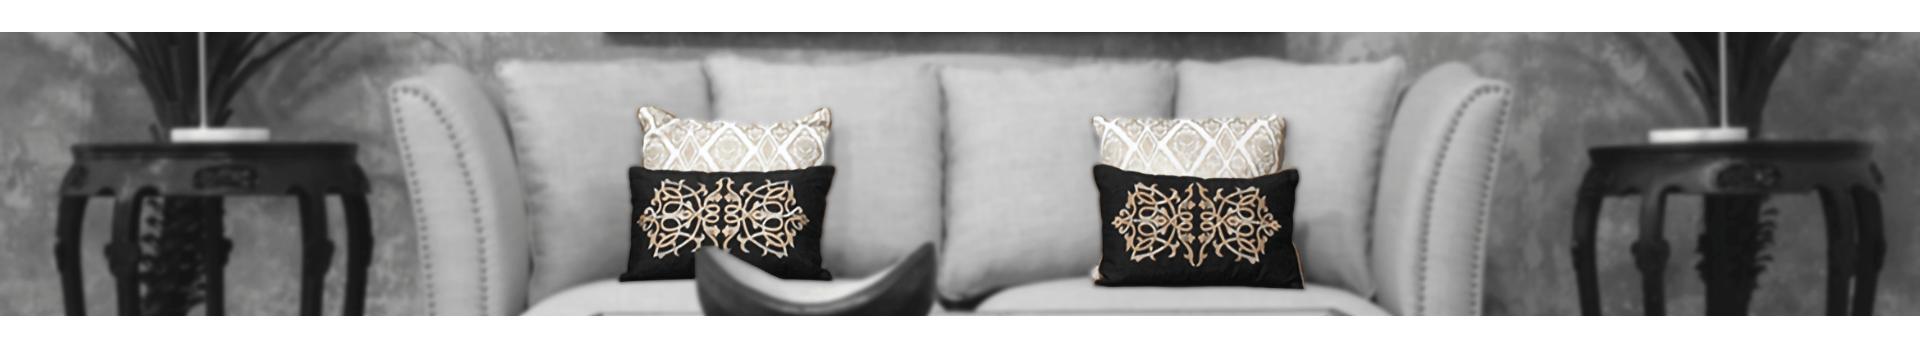 Cojines Decorativos y Modernos para Sala | Mobelfy ®